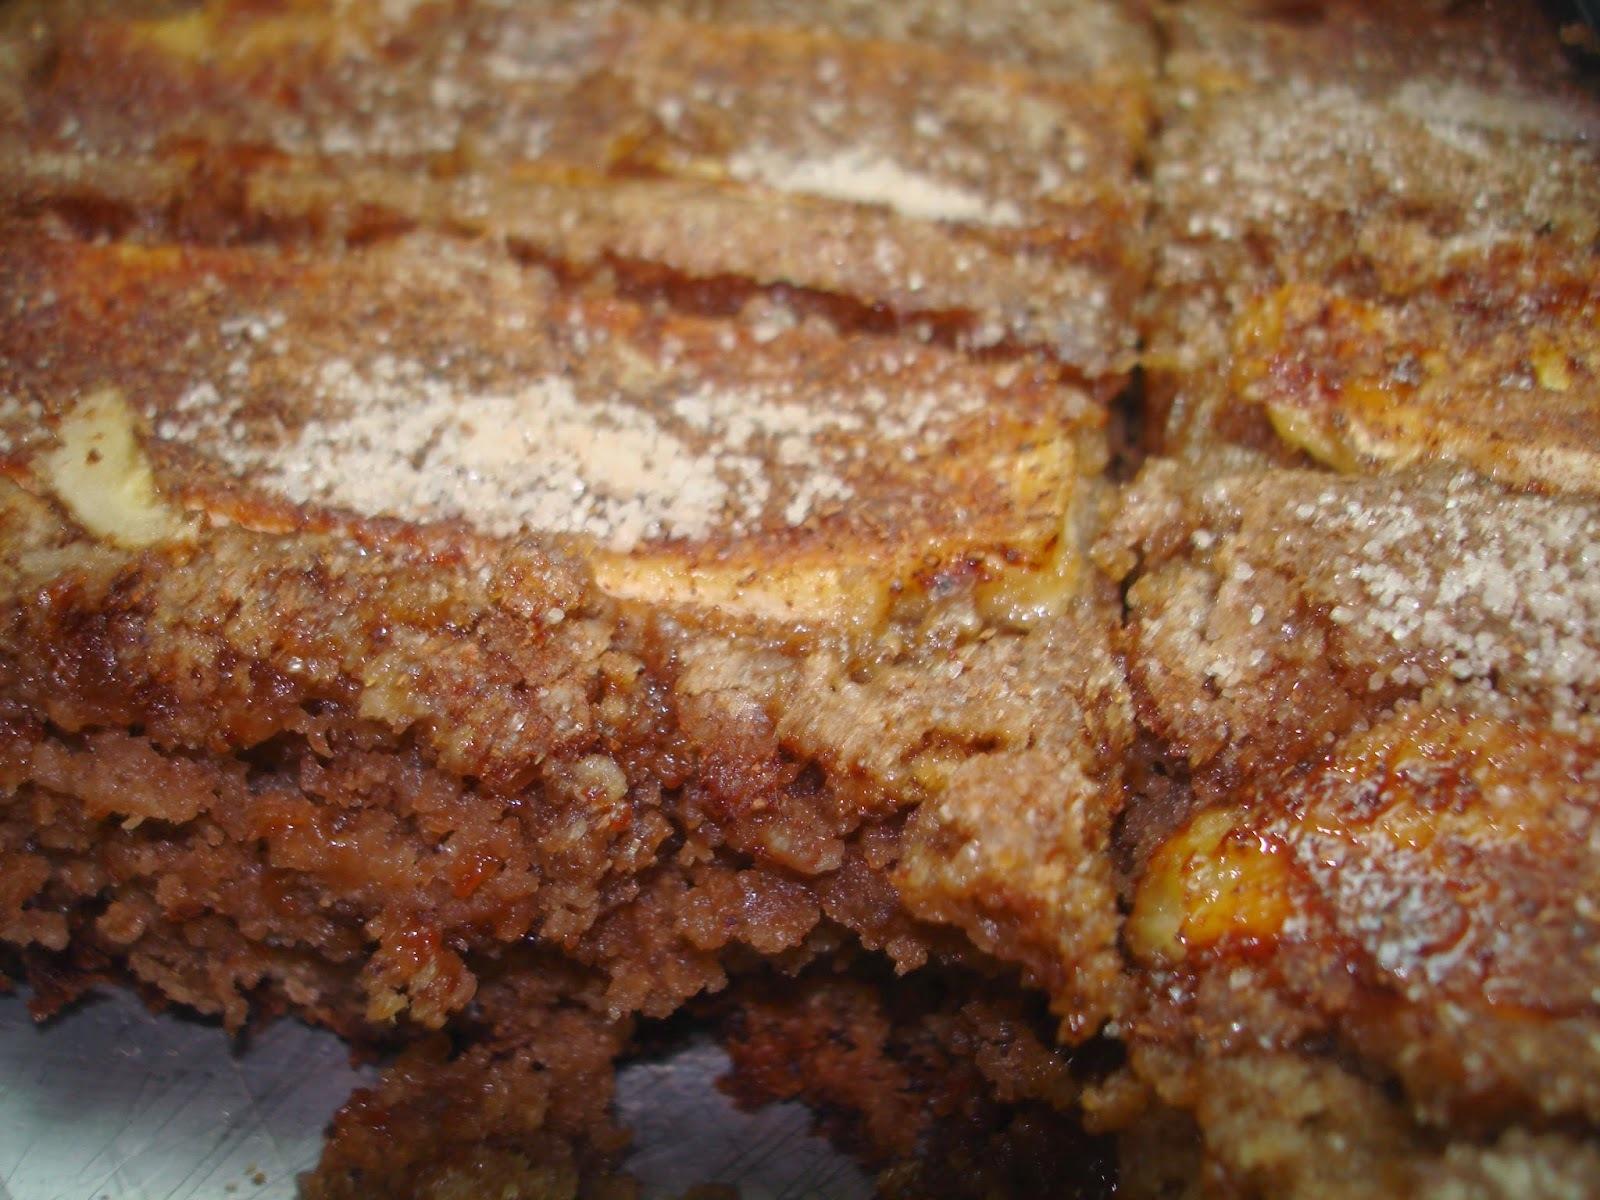 Bolo de Banana com Goiabada da Sil: uma massa que serve também para outros bolos alternativos. Experimente!